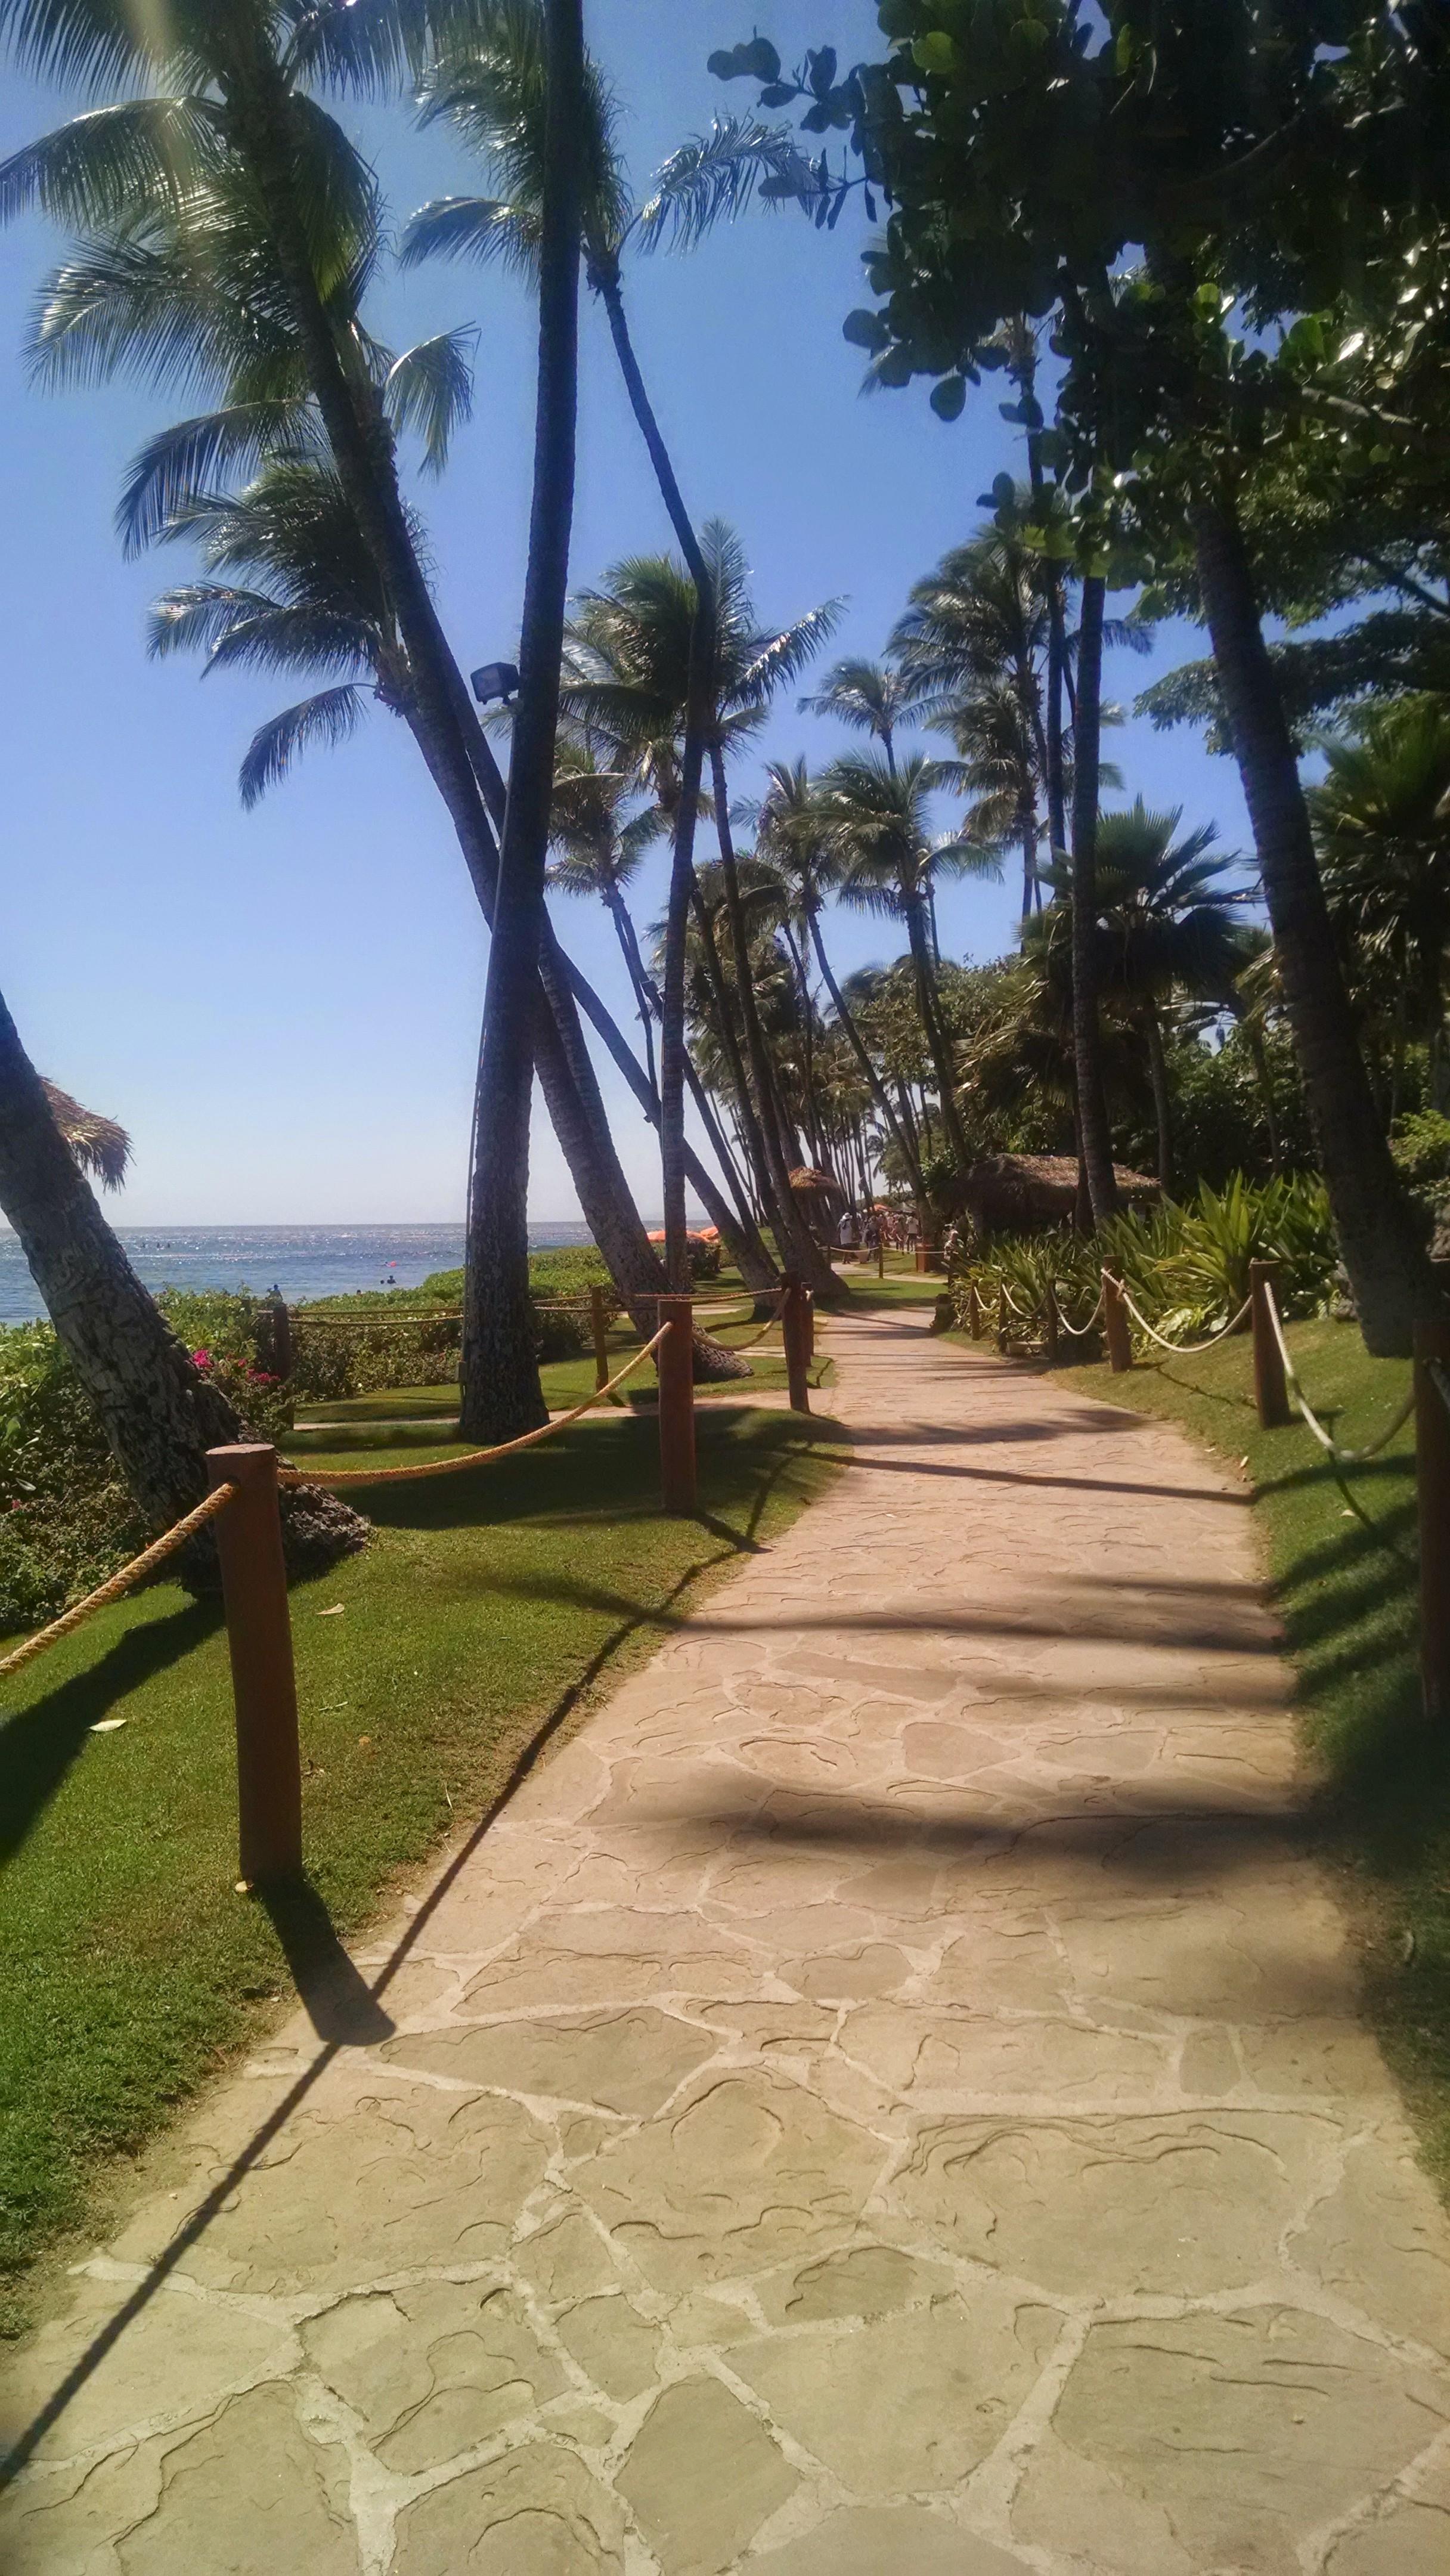 Kaanapali Beach Walkway - Maui, Hawaii